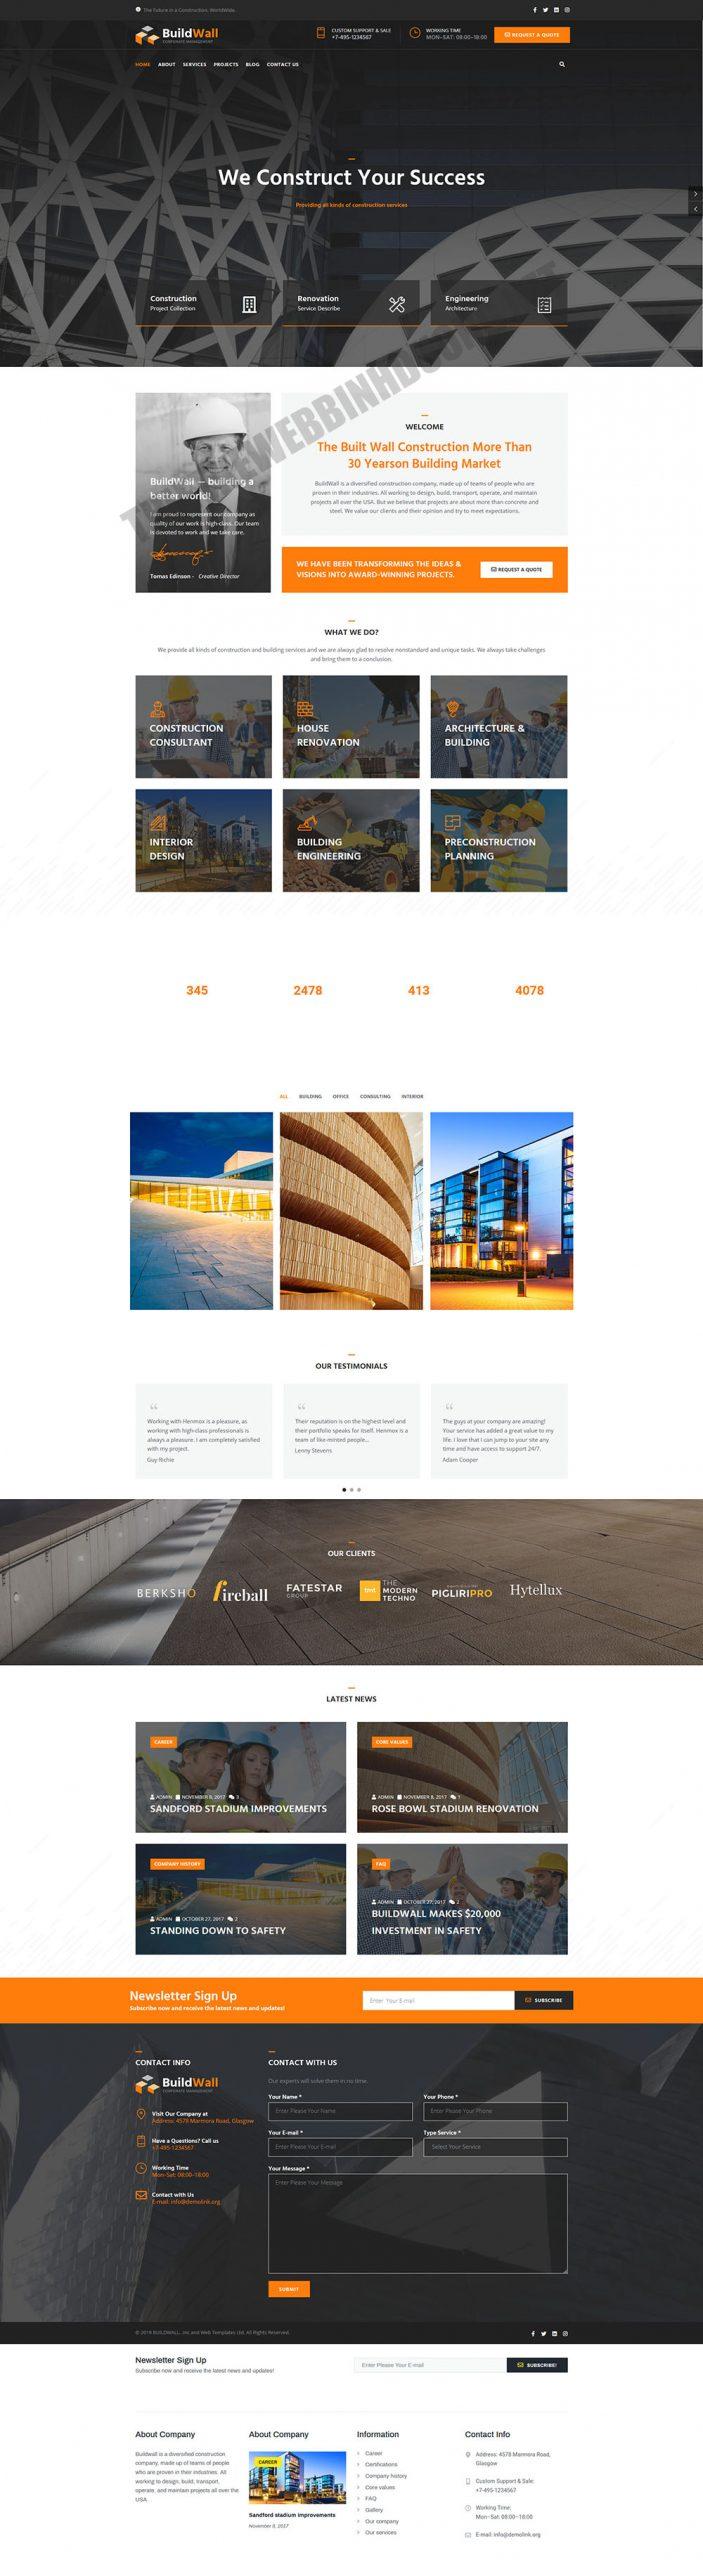 Mẫu web giới thiệu công ty xây dựng PNXD3 4